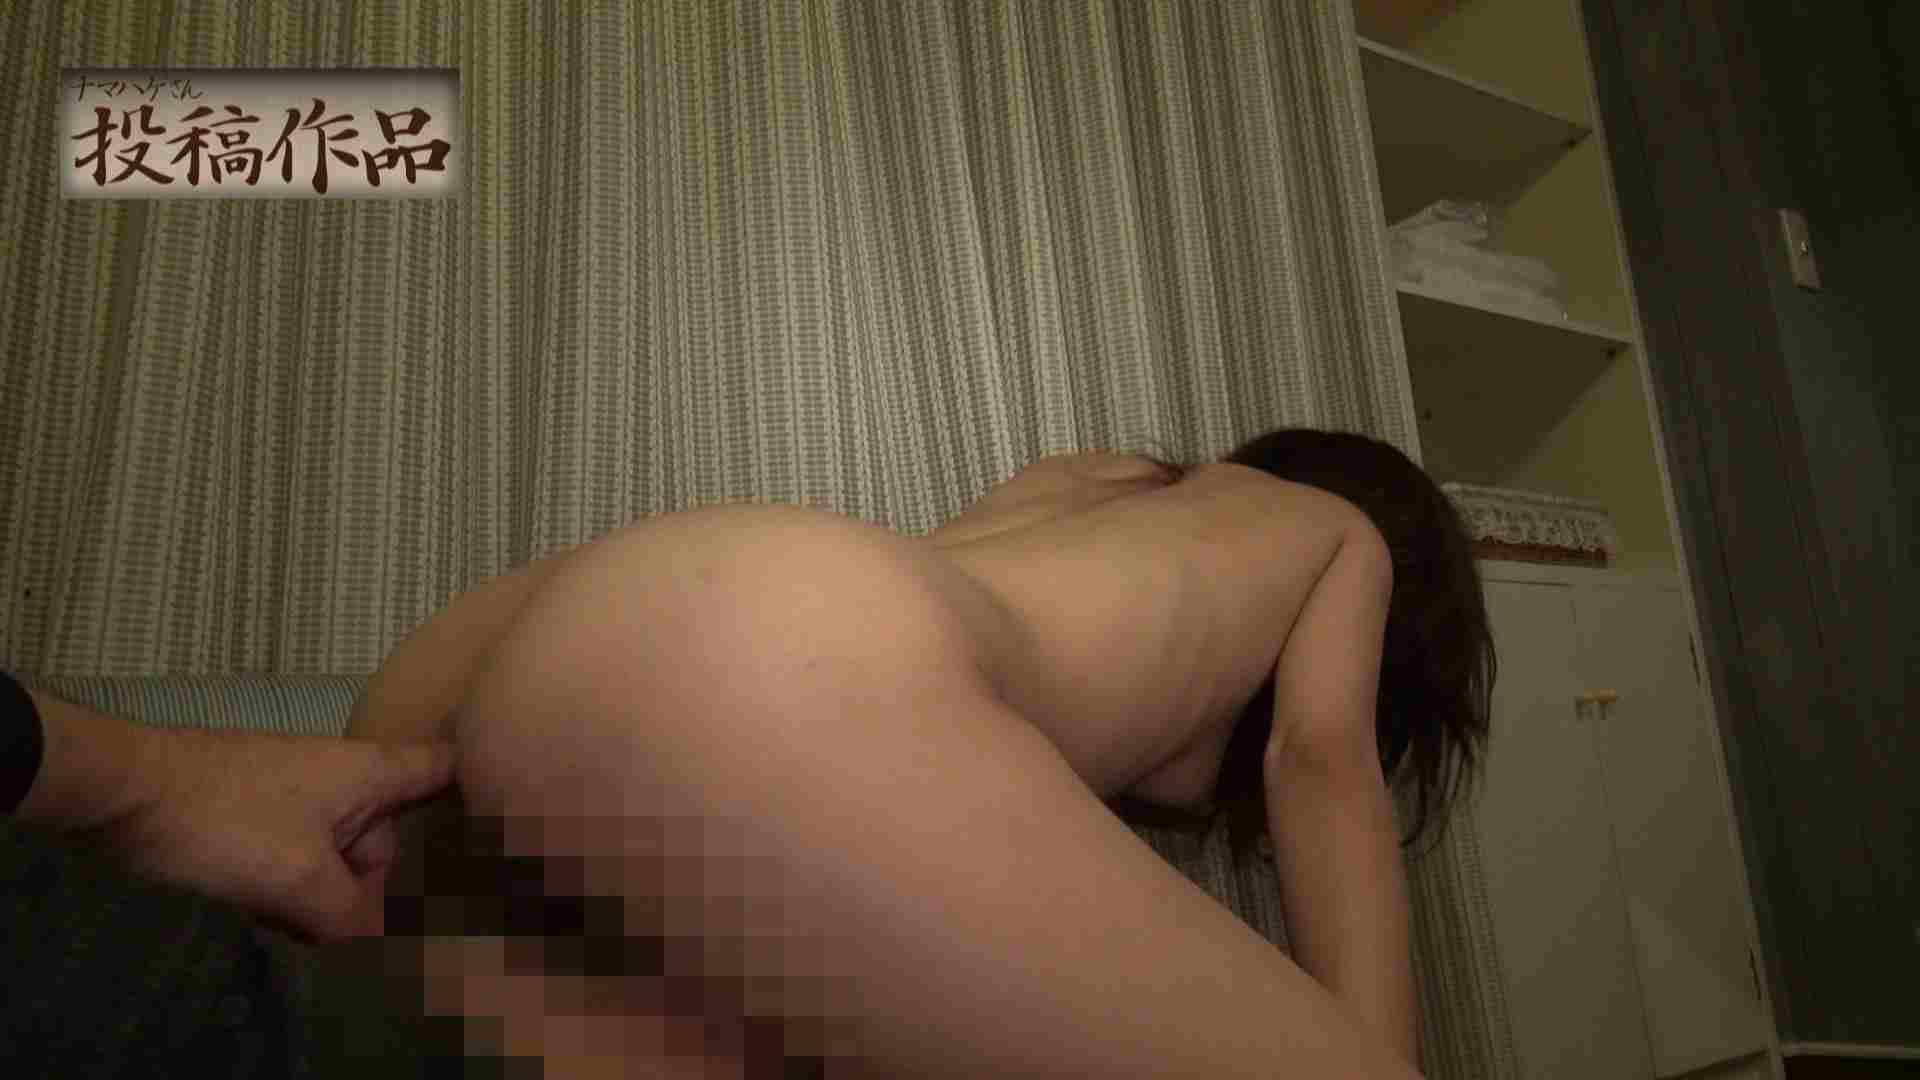 ナマハゲさんのまんこコレクション第二章 non 02 アナル   0  46連発 7